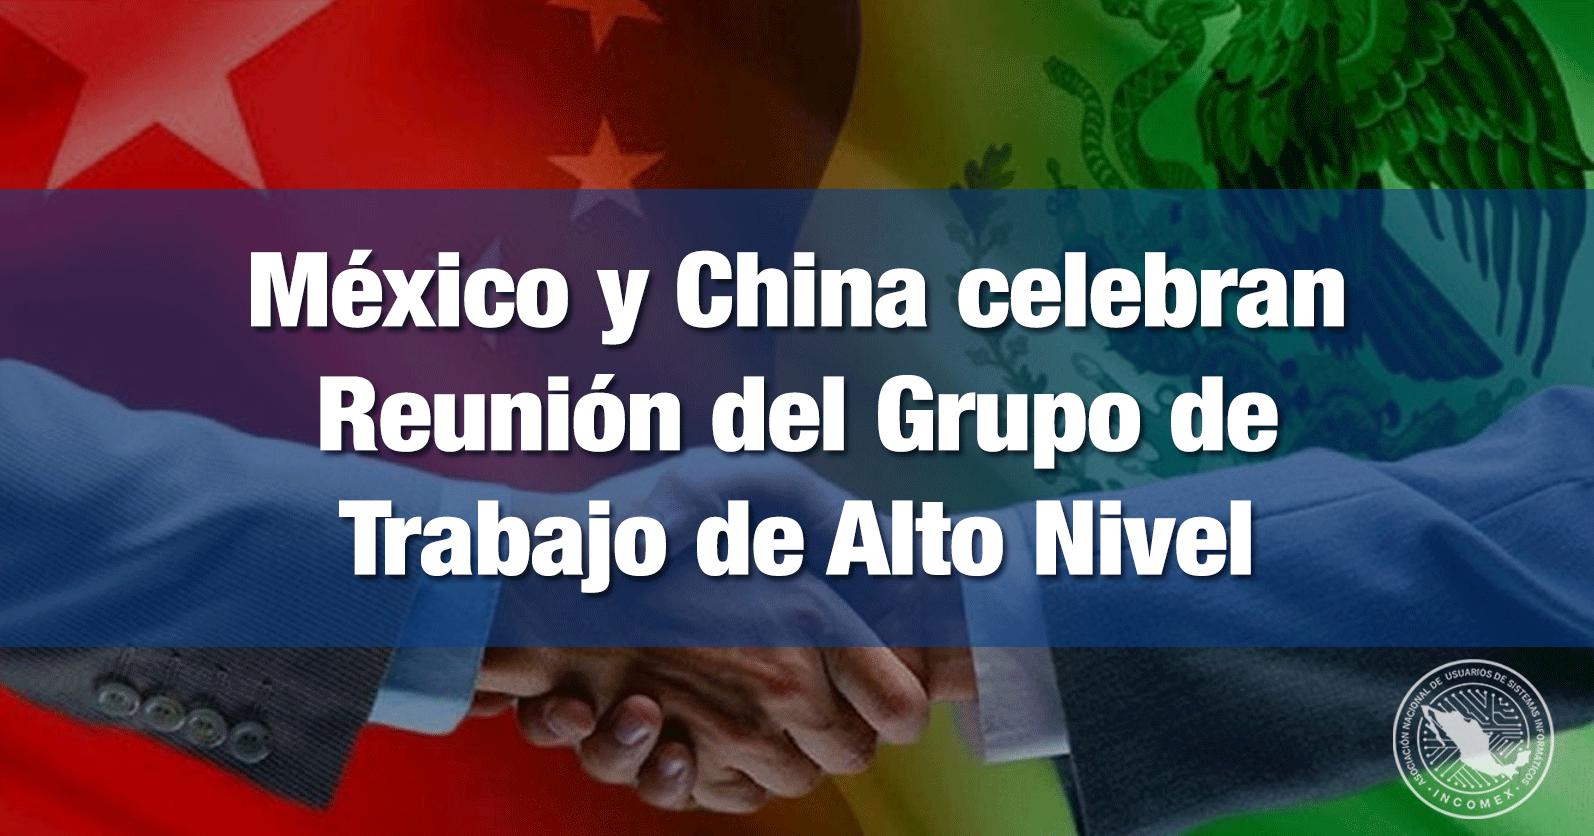 México y China celebran Reunión del Grupo de Trabajo de Alto Nivel